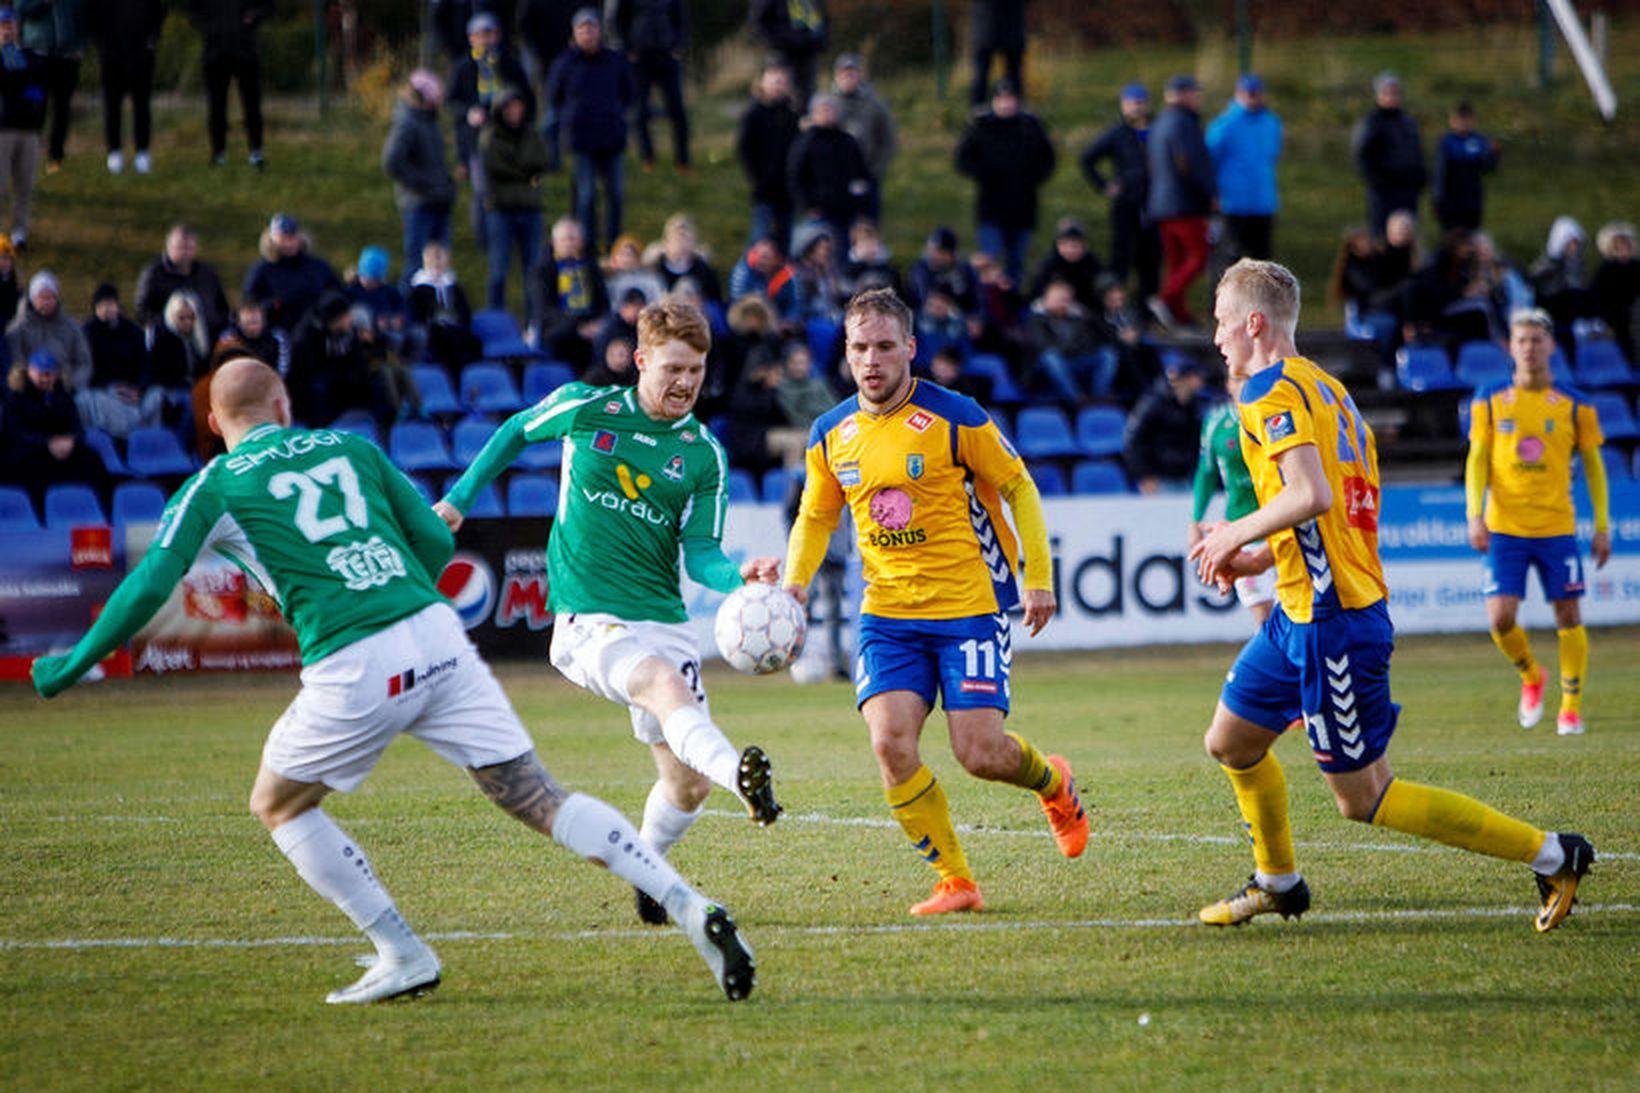 Alexander Helgi Sigurðsson skoraði tvívegis fyrir Breiðablik gegn Gróttu.